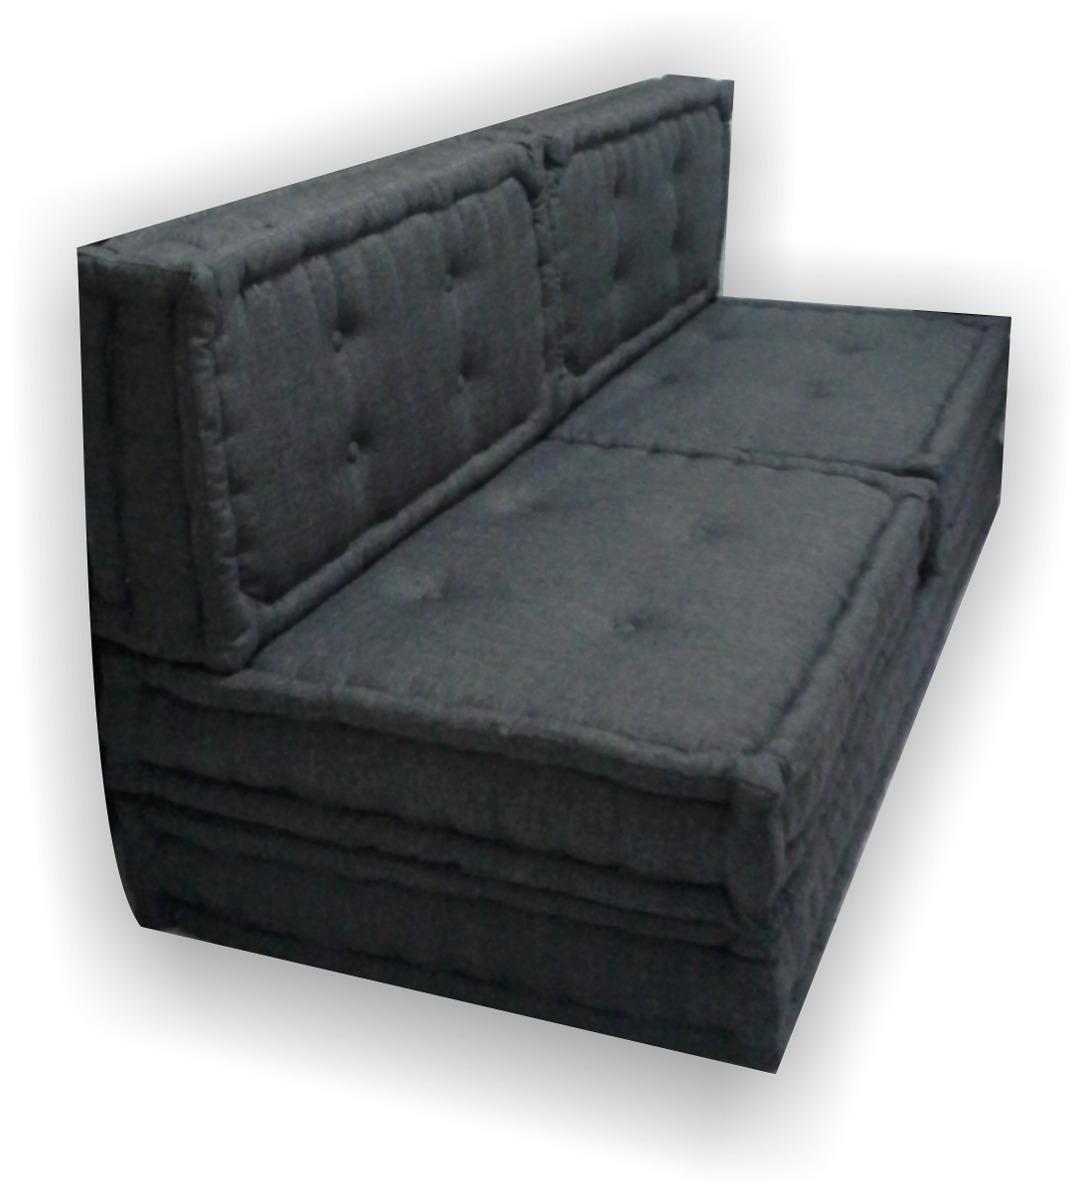 Futon sofa cama casal ou solteiro sob encomenda r 2 for Futon cama 1 plaza